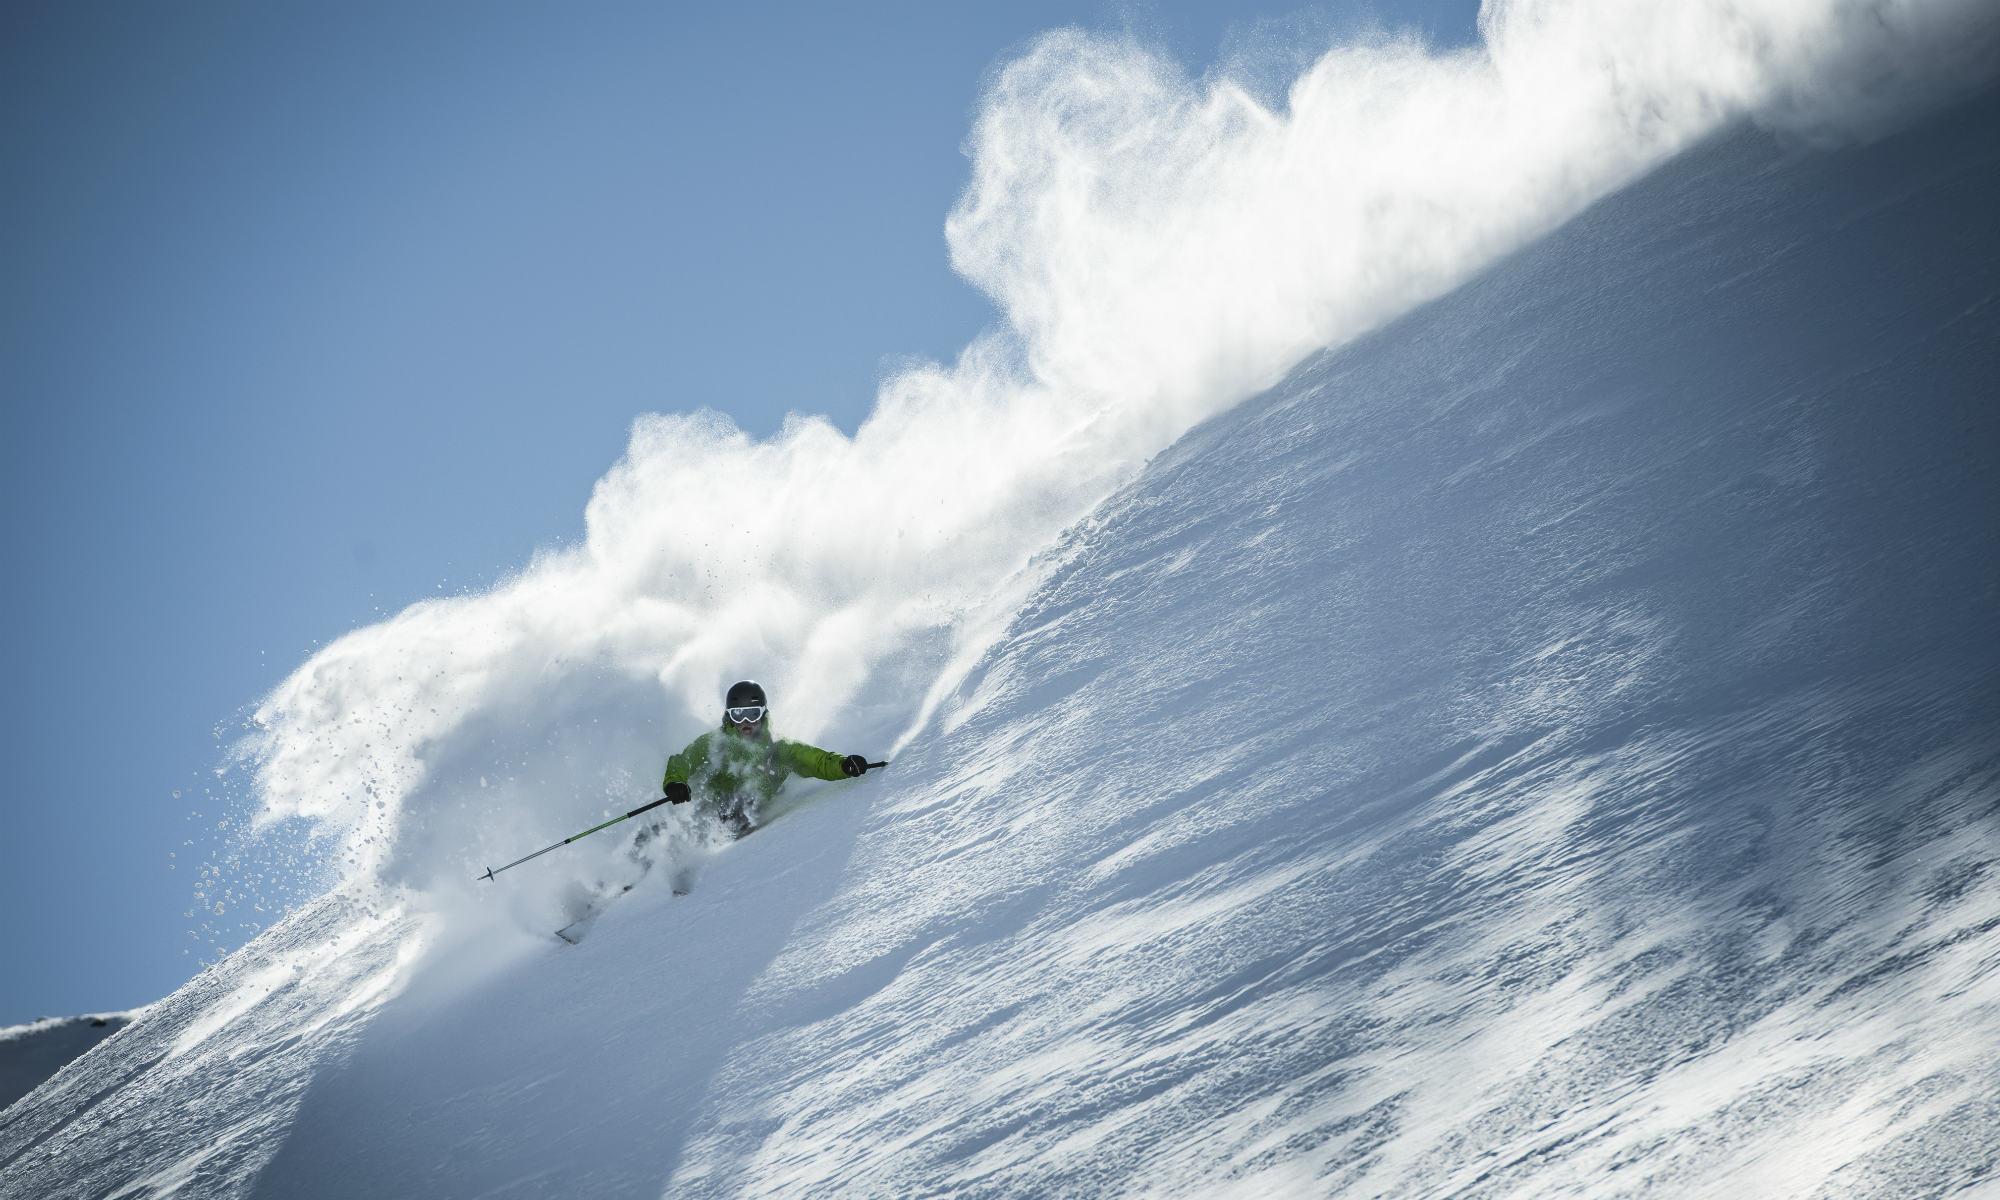 Un freerider che scia sulla neve fresca con bel tempo.